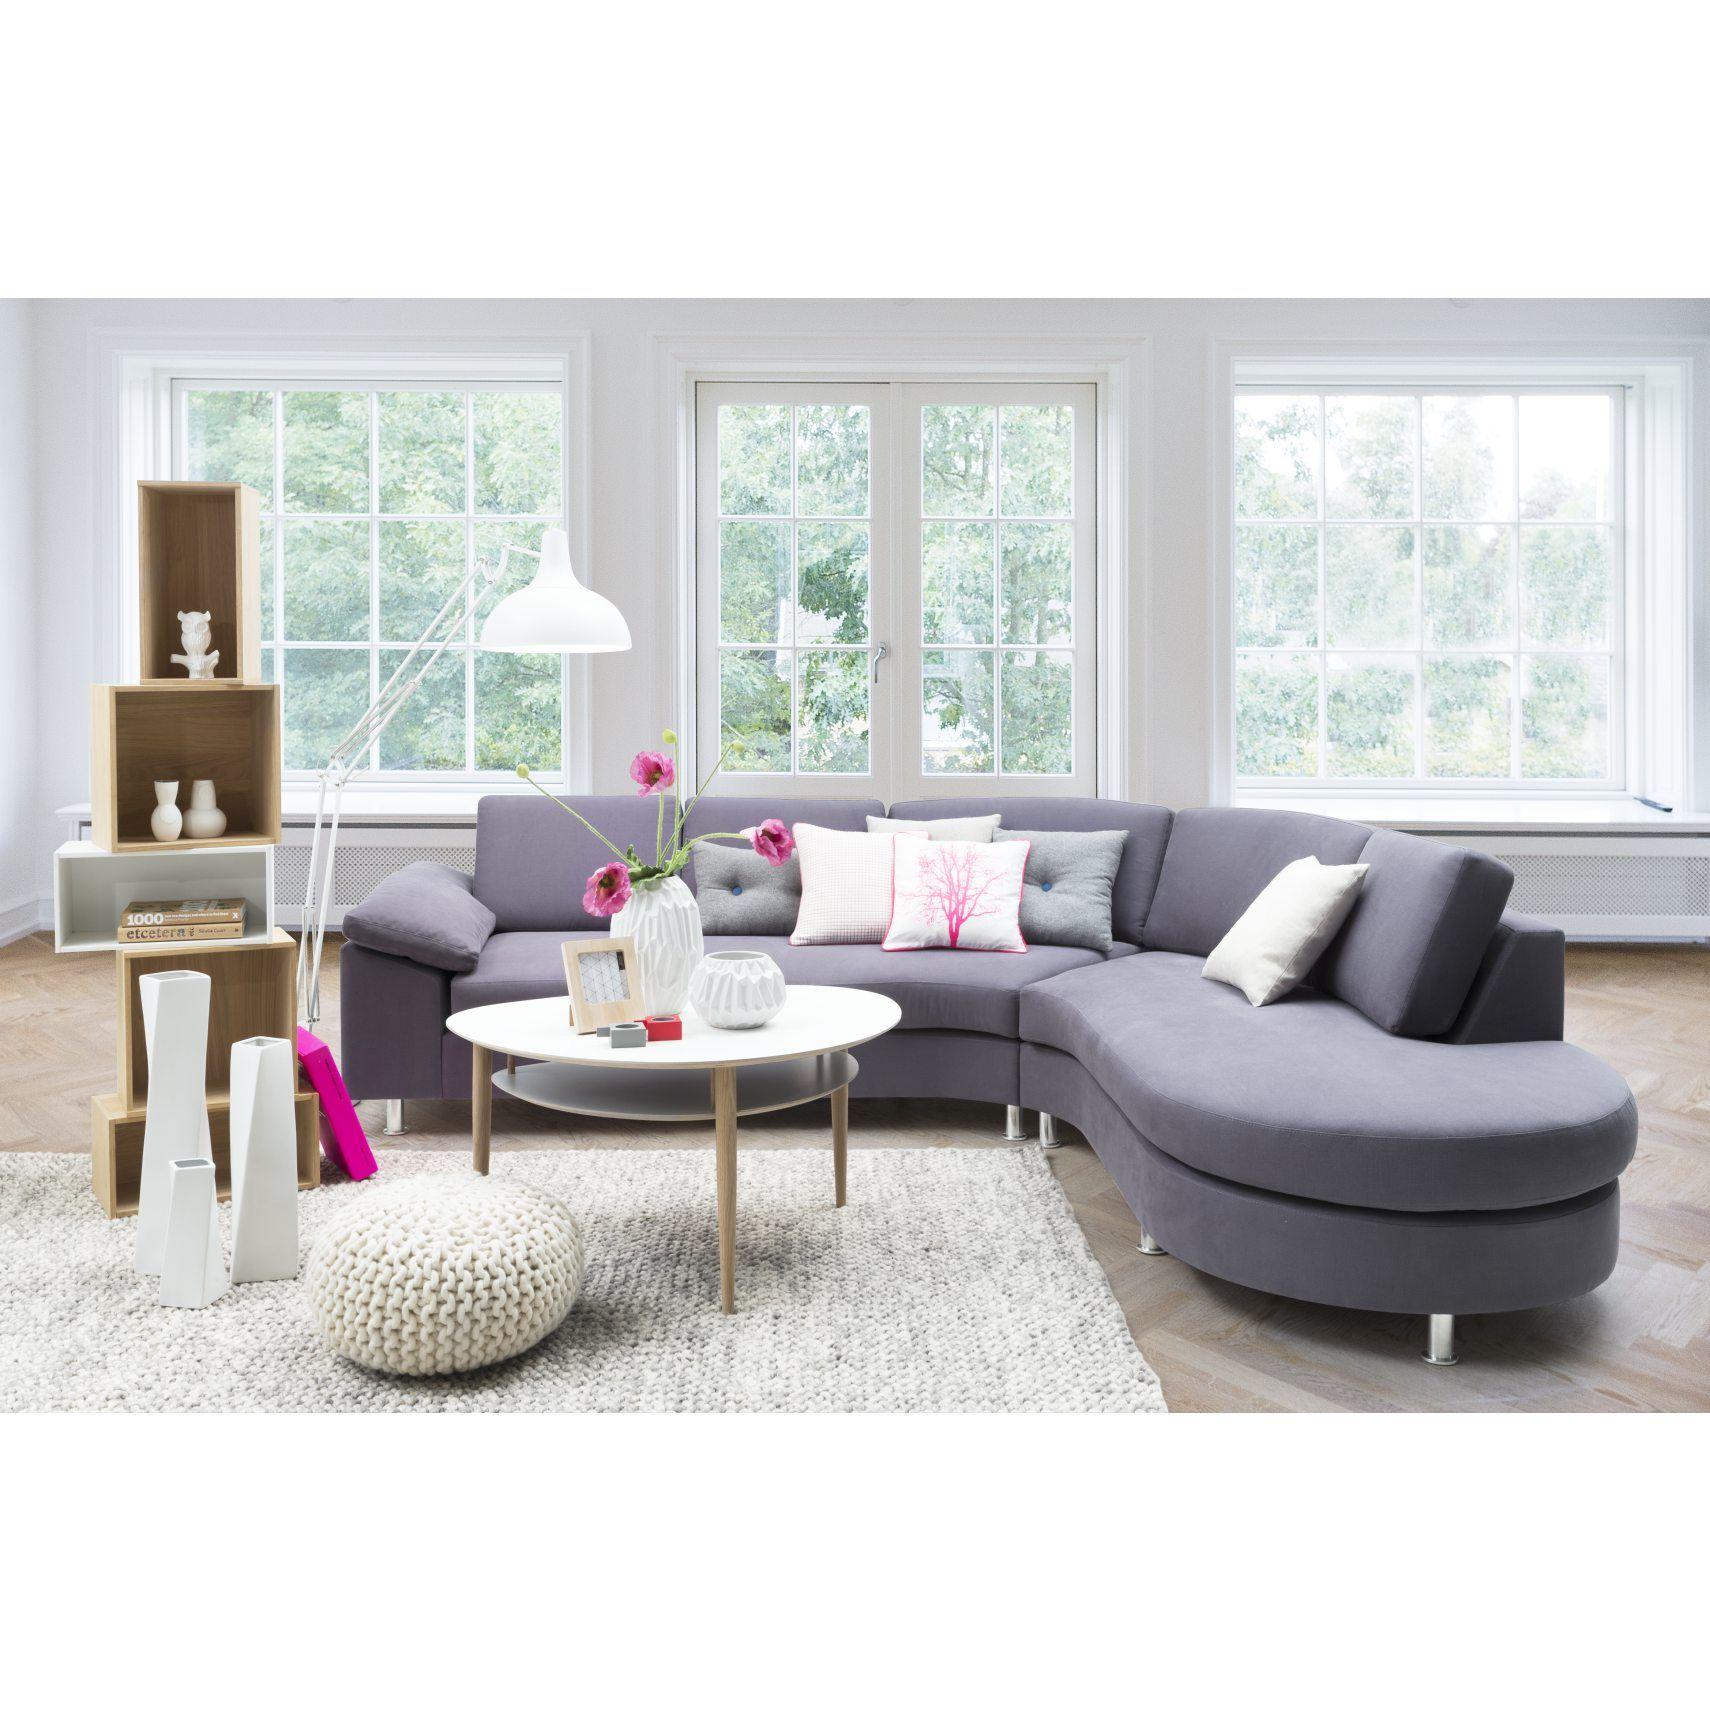 Ultra Function® er IDEmøblers eget danskproducerede sofakoncept, som er SY51